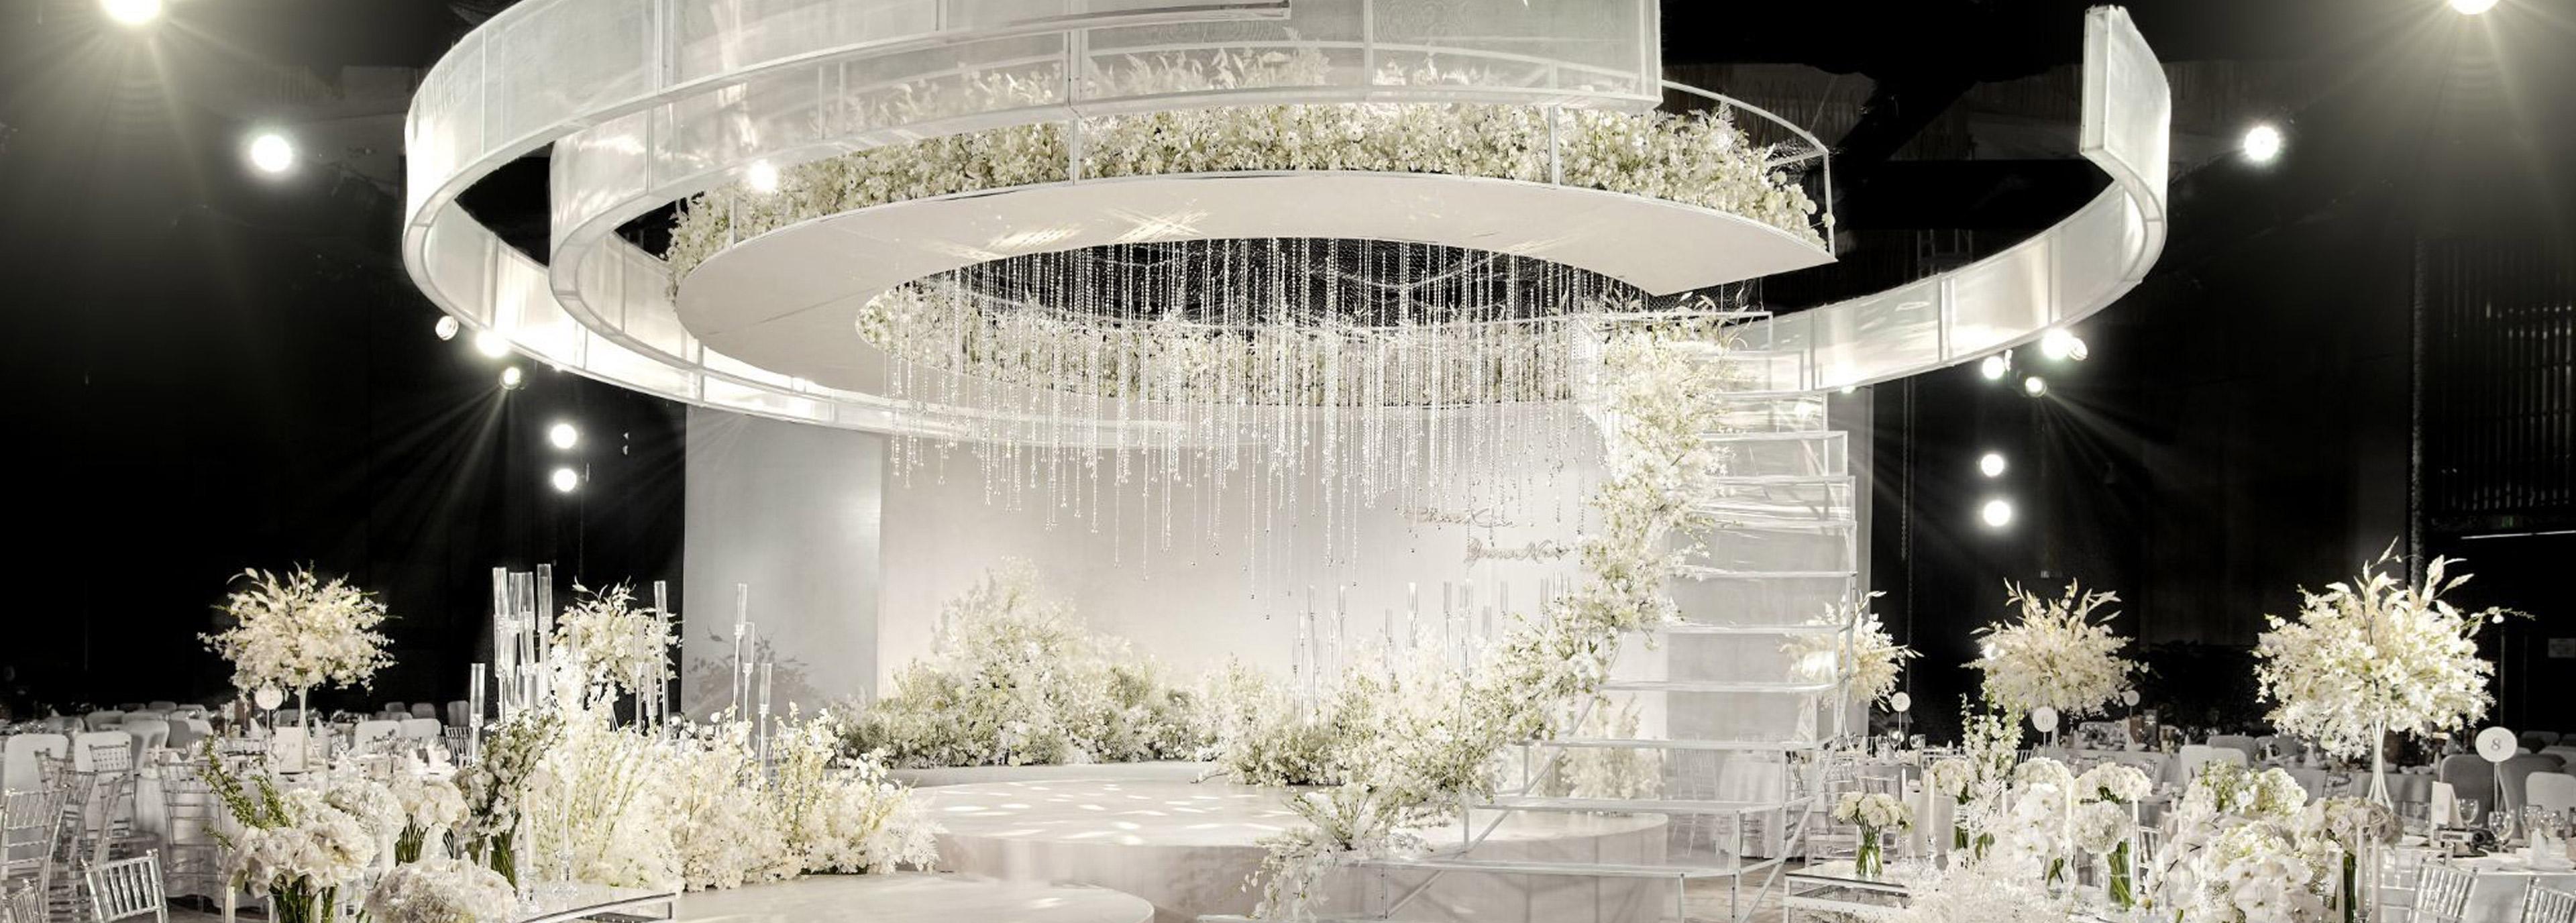 丰县婚庆策划案例:Eternity | 湖南 长沙